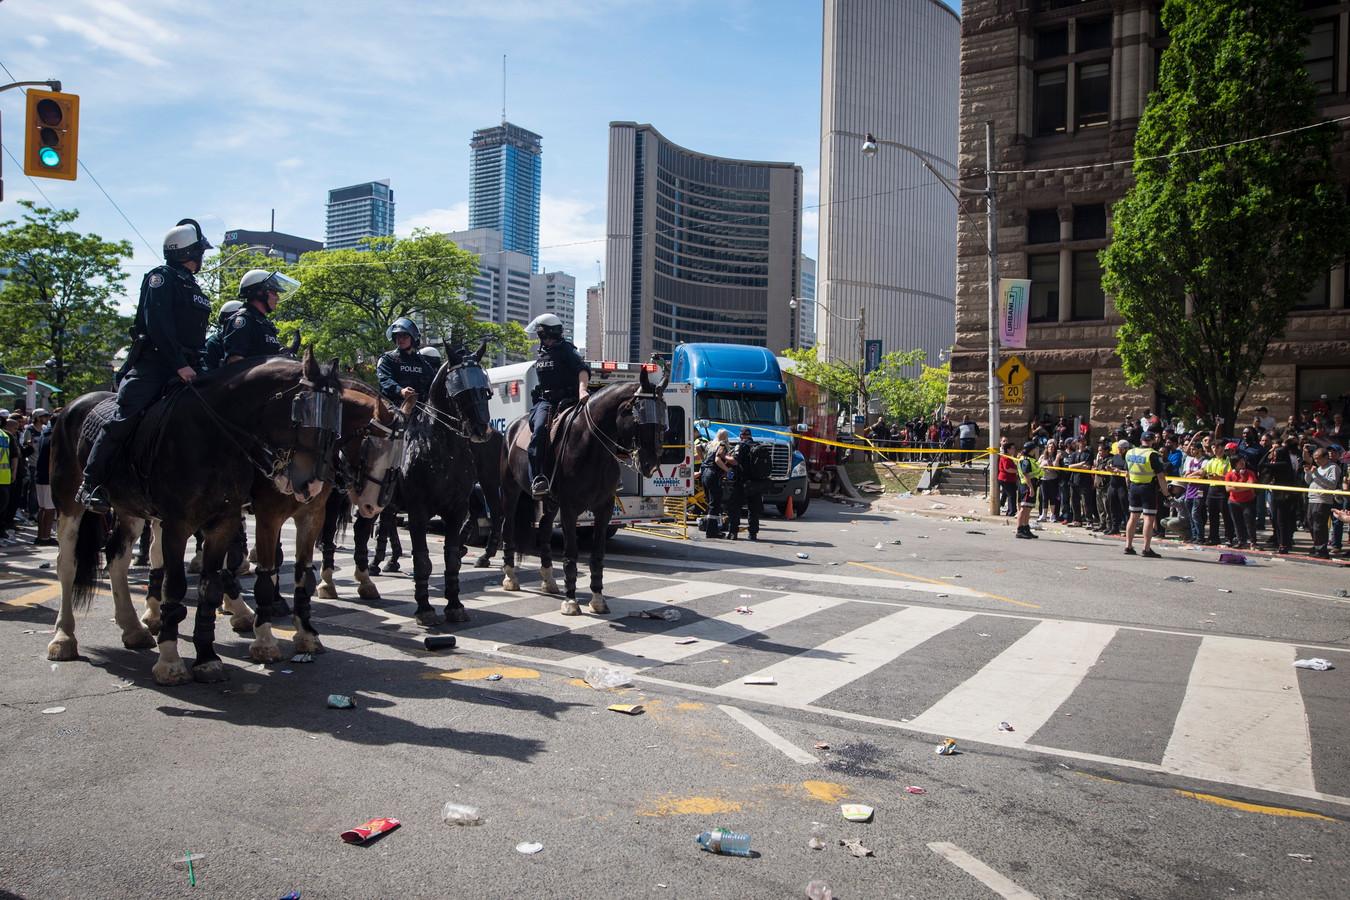 Politie te paard blokkeert de straten van Toronto zodat medische hulpdiensten de slachtoffers kunnen helpen.